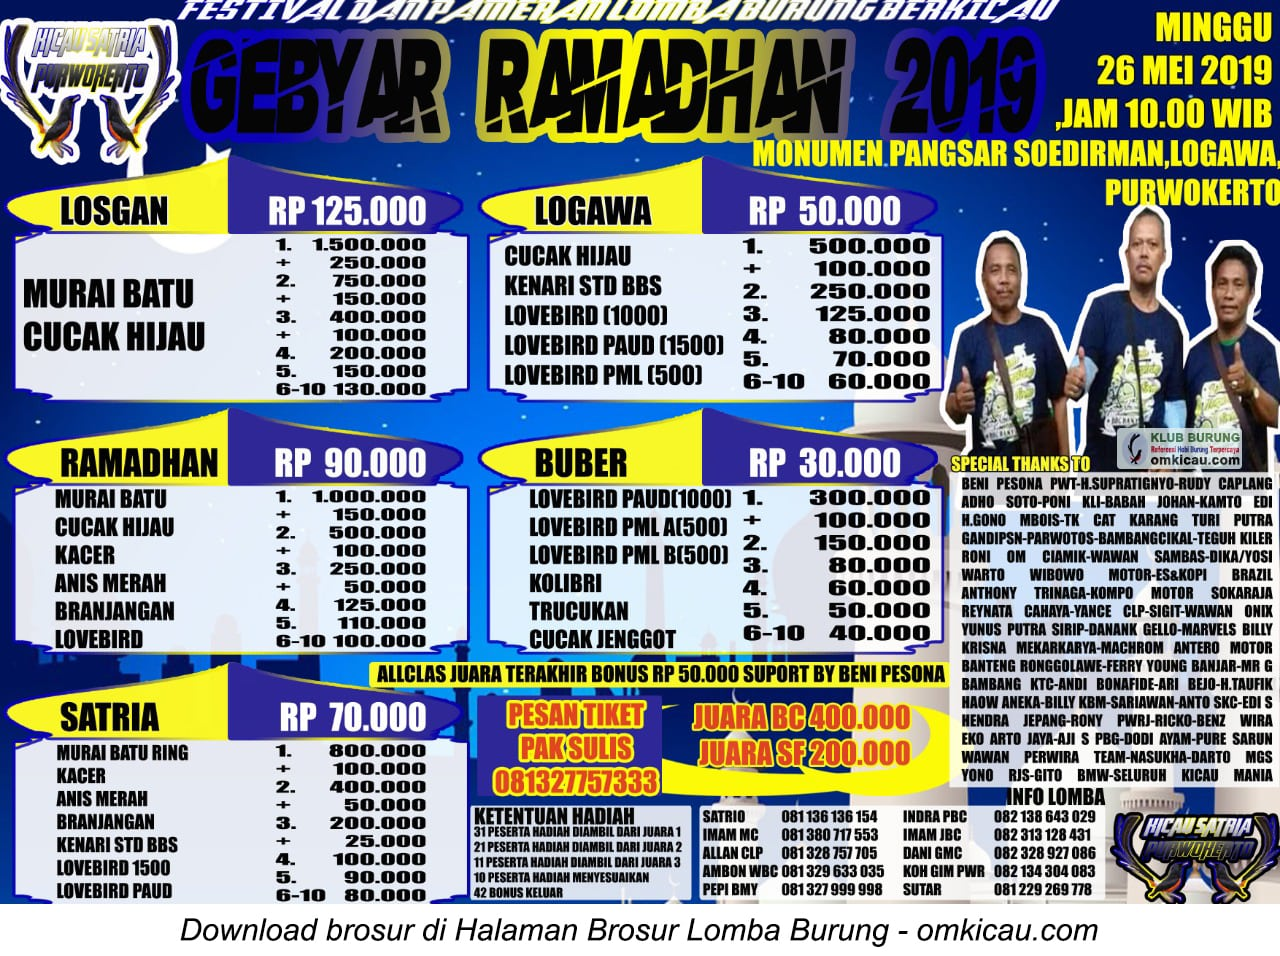 Gebyar Ramadhan Kicau Satria Purwokerto